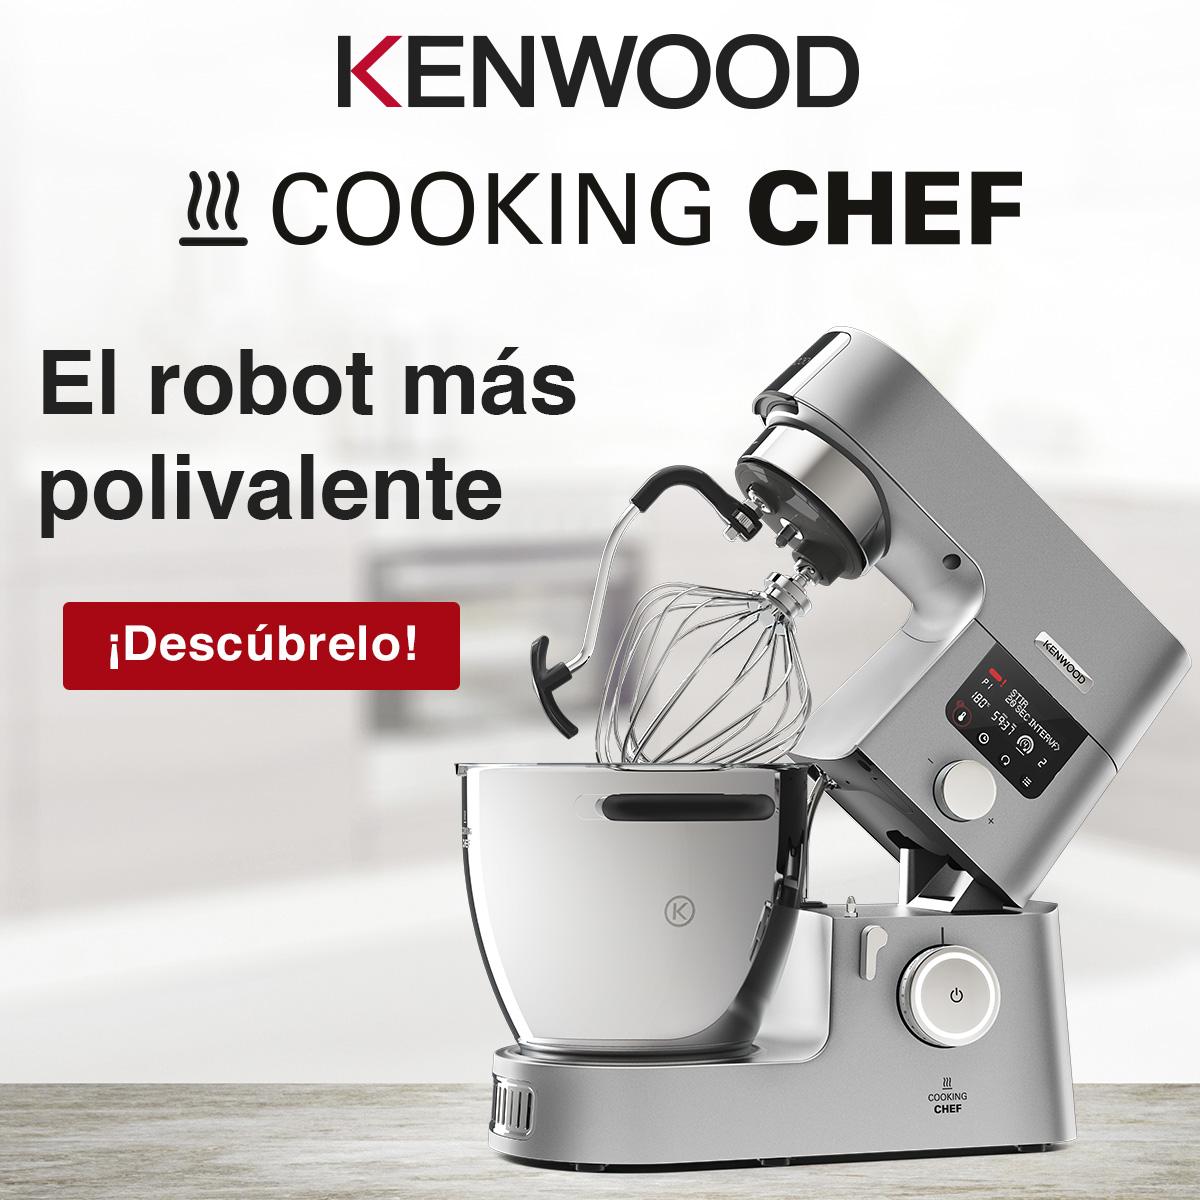 Cooking Chef el robot más polivalente de kenwood